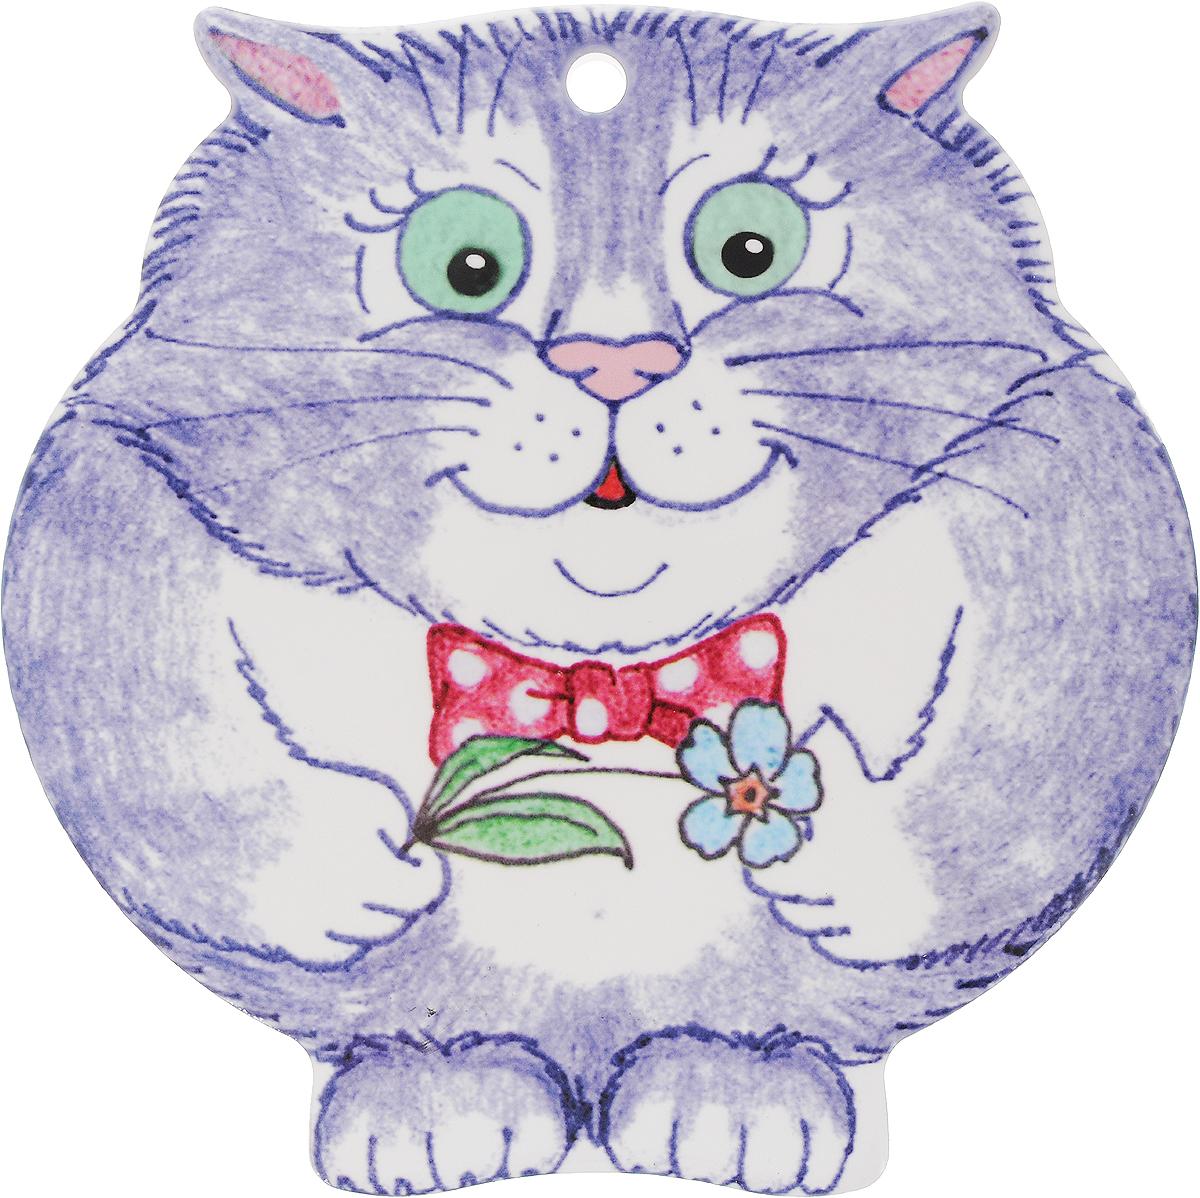 Подставка под горячее GiftnHome Серый кот с бантом и цветком, 20 х 20 см115610Керамическая подставка GiftnHome Серый кот с бантом и цветком предназначена для сервировки стола и для интерьерных решений. Подставка изготовлена из каменной керамики, она защищает поверхности от горячей посуды, следов пищи и влаги. Подставка имеет настенный крепеж, ее можно вешать, как настенное панно. Это современный функциональный аксессуар -предмет повседневного обихода, создающий настроение. Дно подставки имеет подкладку из натуральной пробки - это защитит вашу мебель от царапин. Размер подставки: 20 х 20 х 0,8 см.